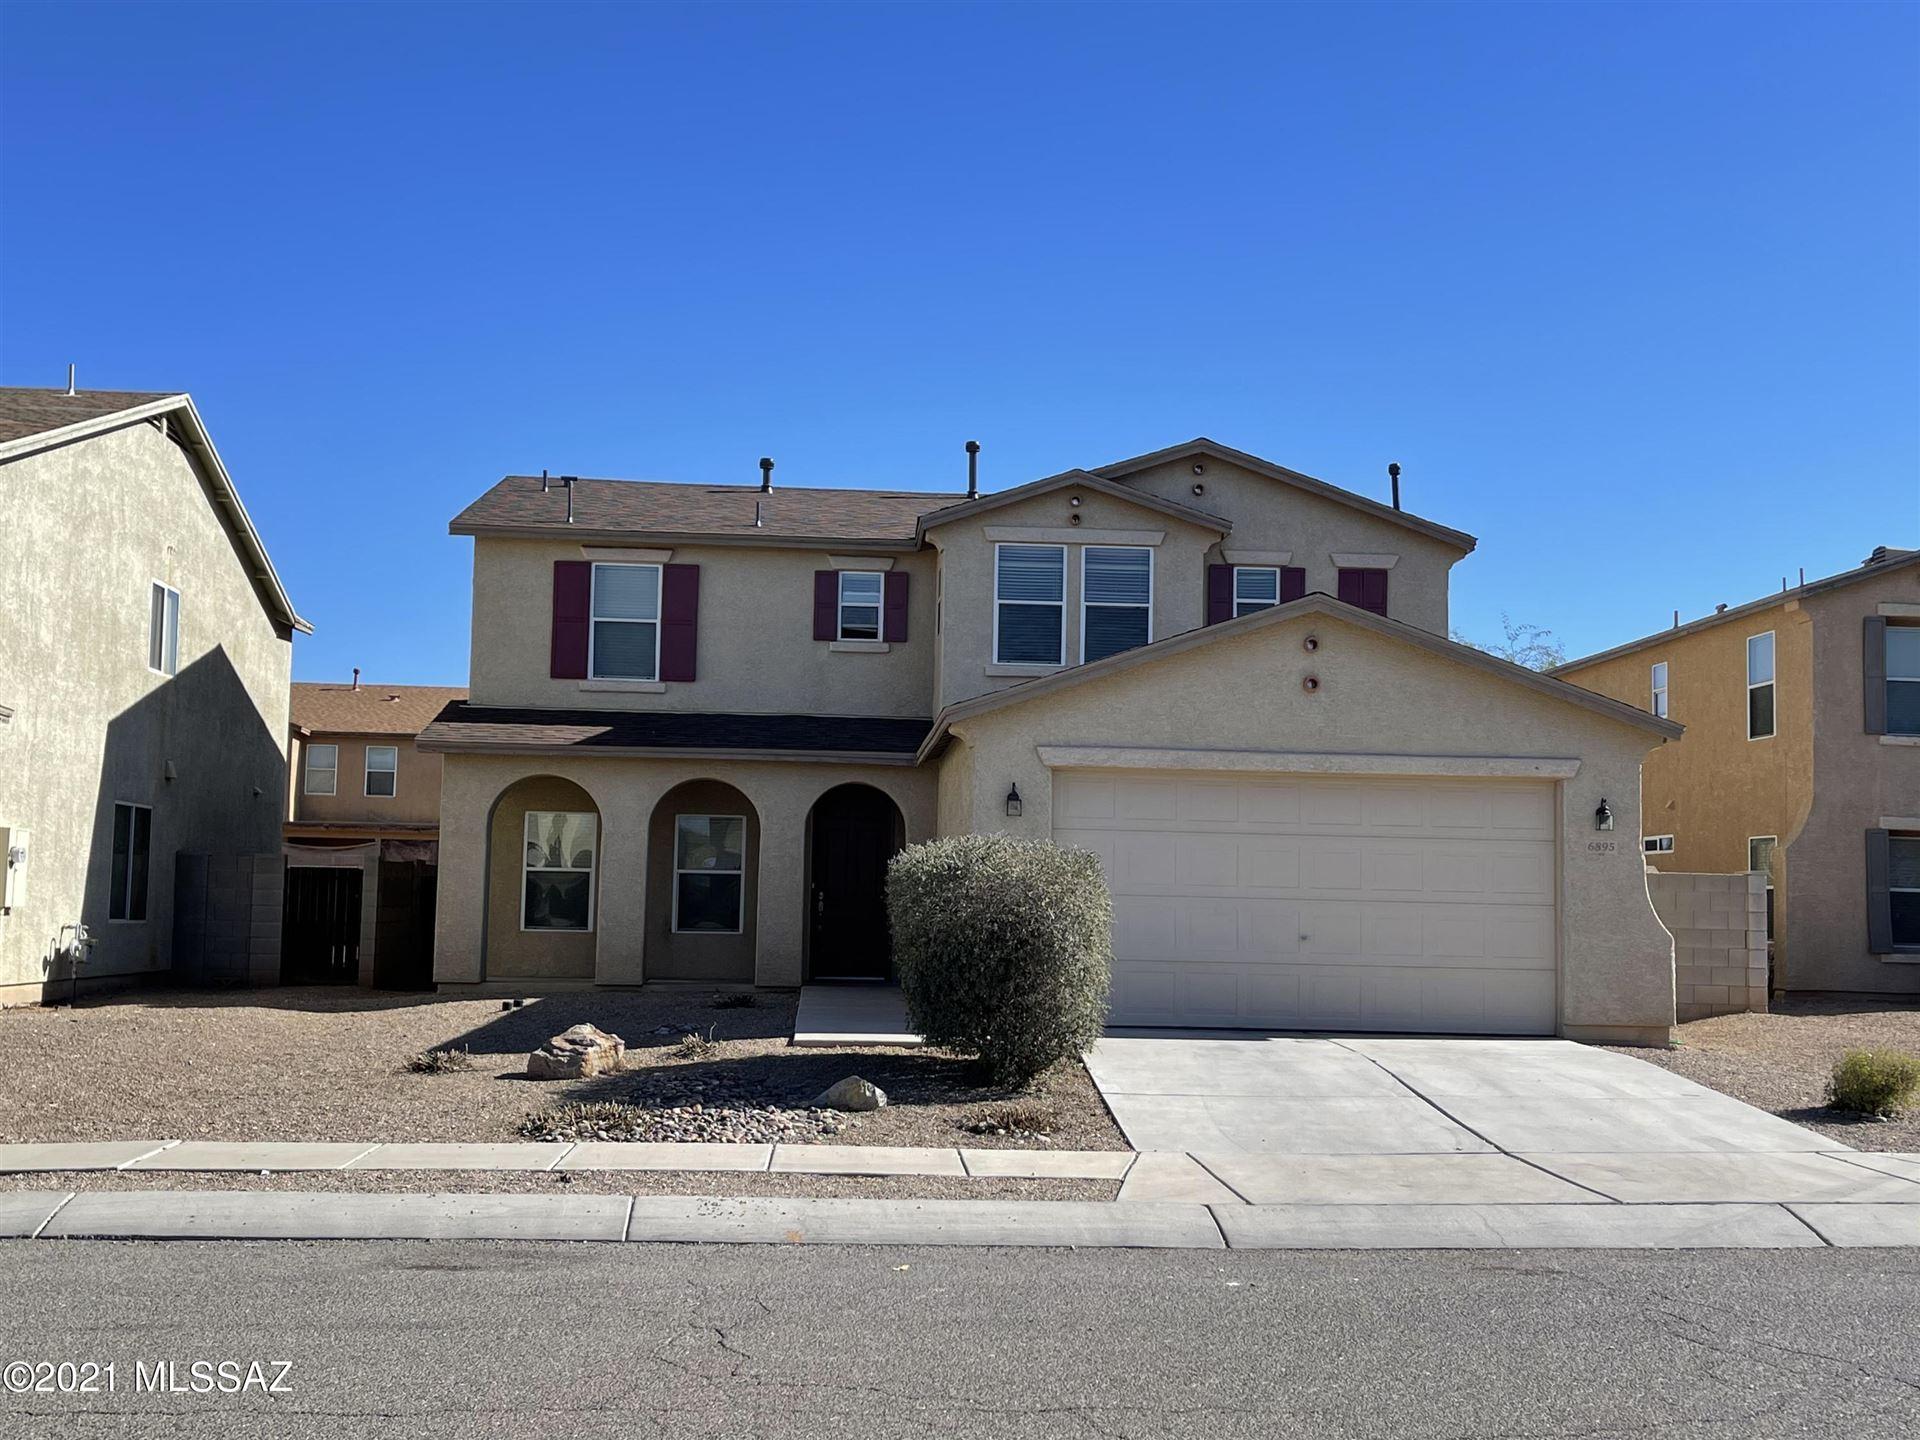 6895 S Martlet Drive, Tucson, AZ 85756 - #: 22100421